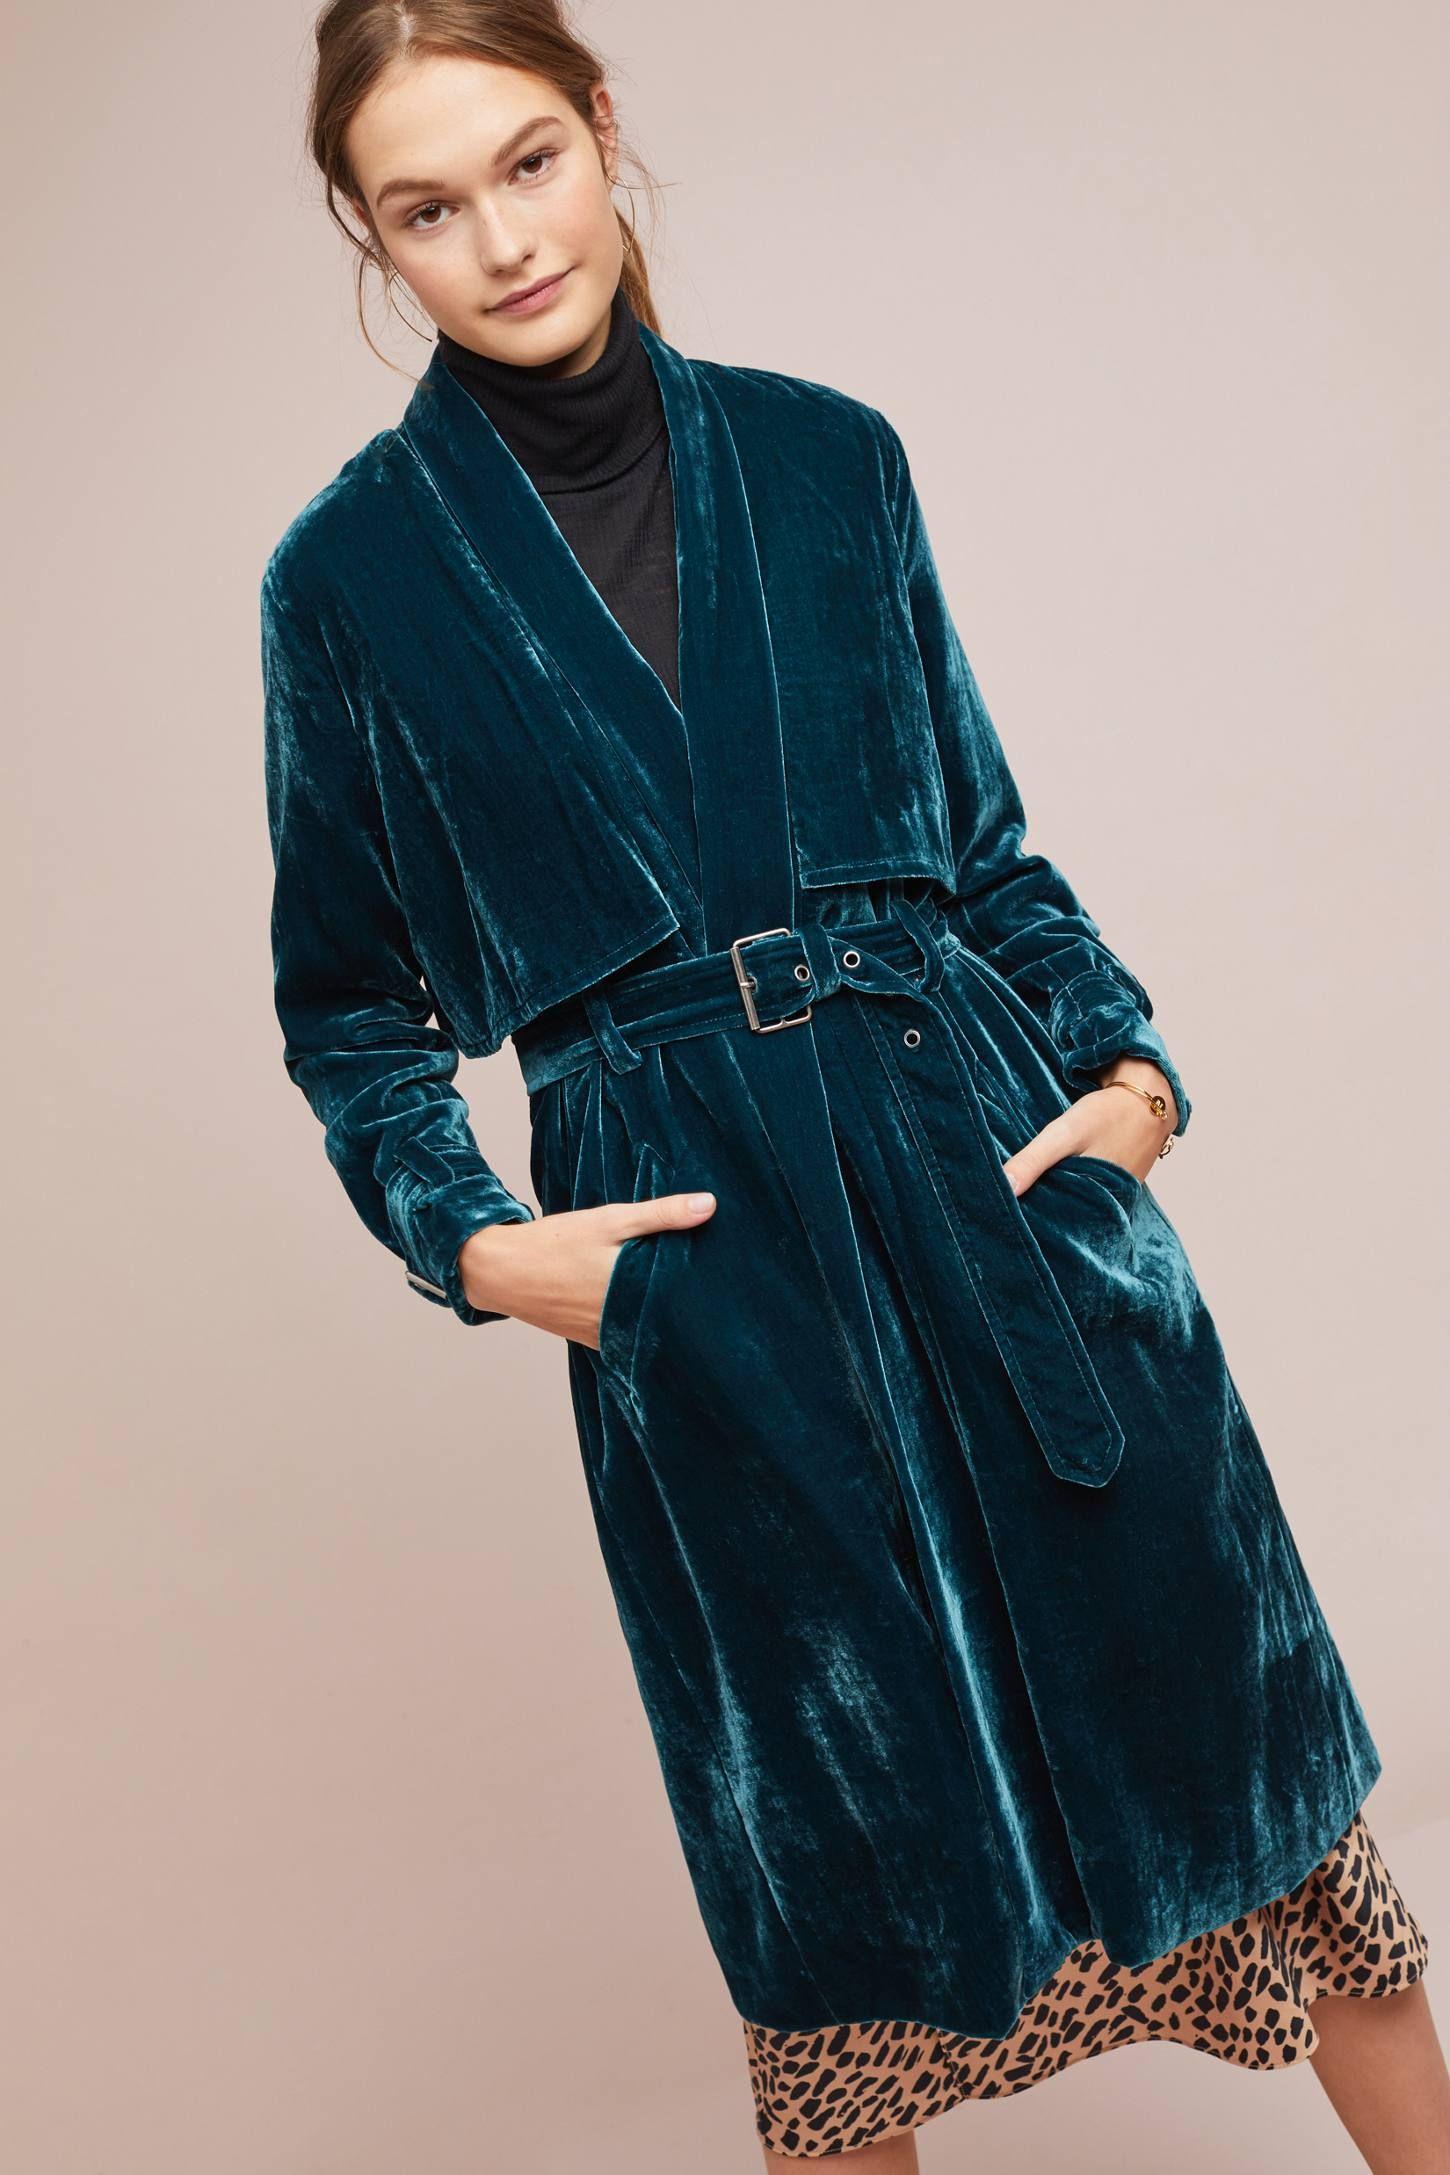 Velvet Trench Coat Clothes, Velvet Trench Coat For Ladies